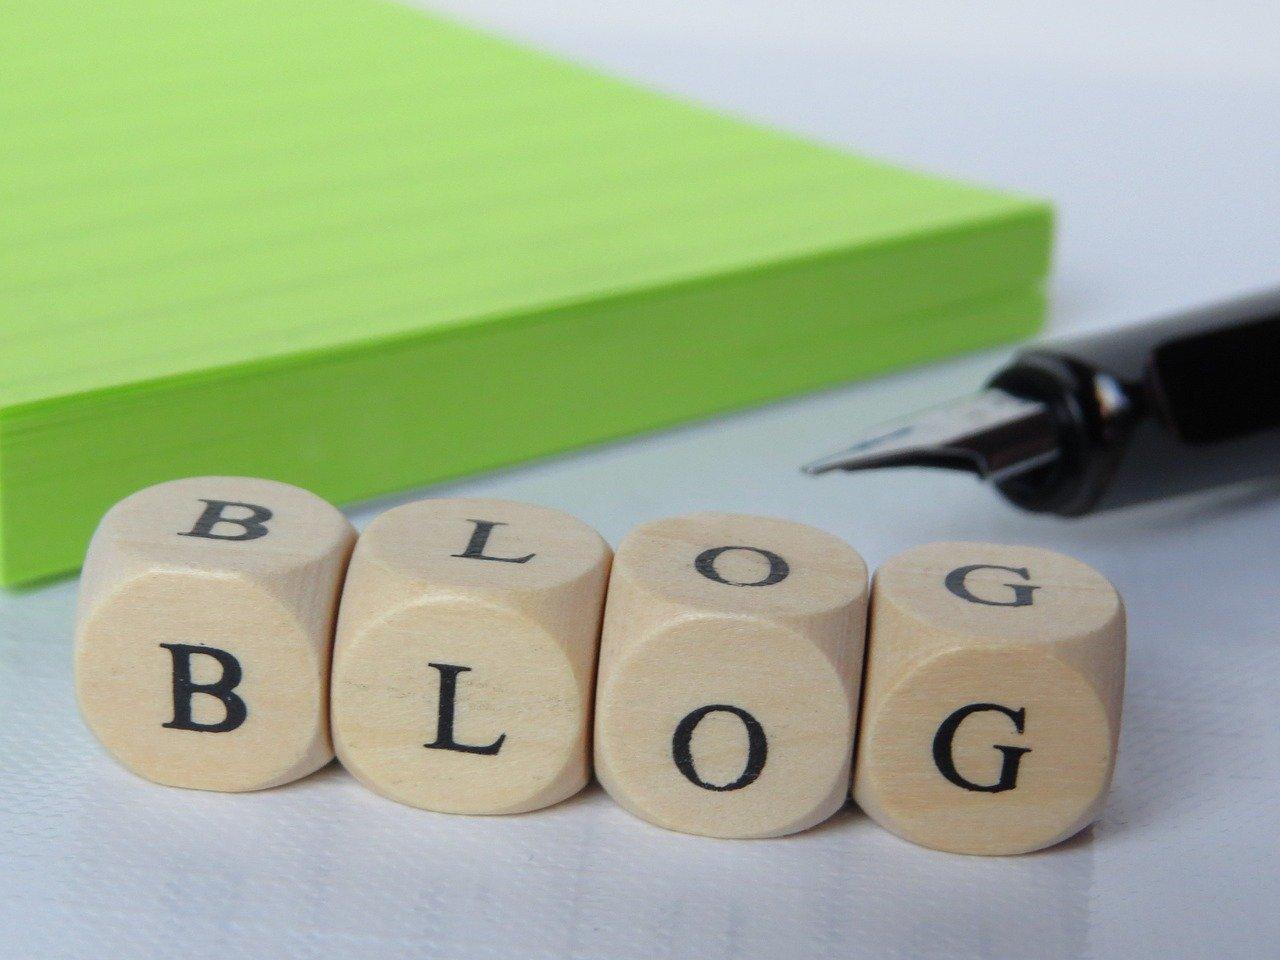 Création d'un site Internet Charenton-le-Pont avec WordPress